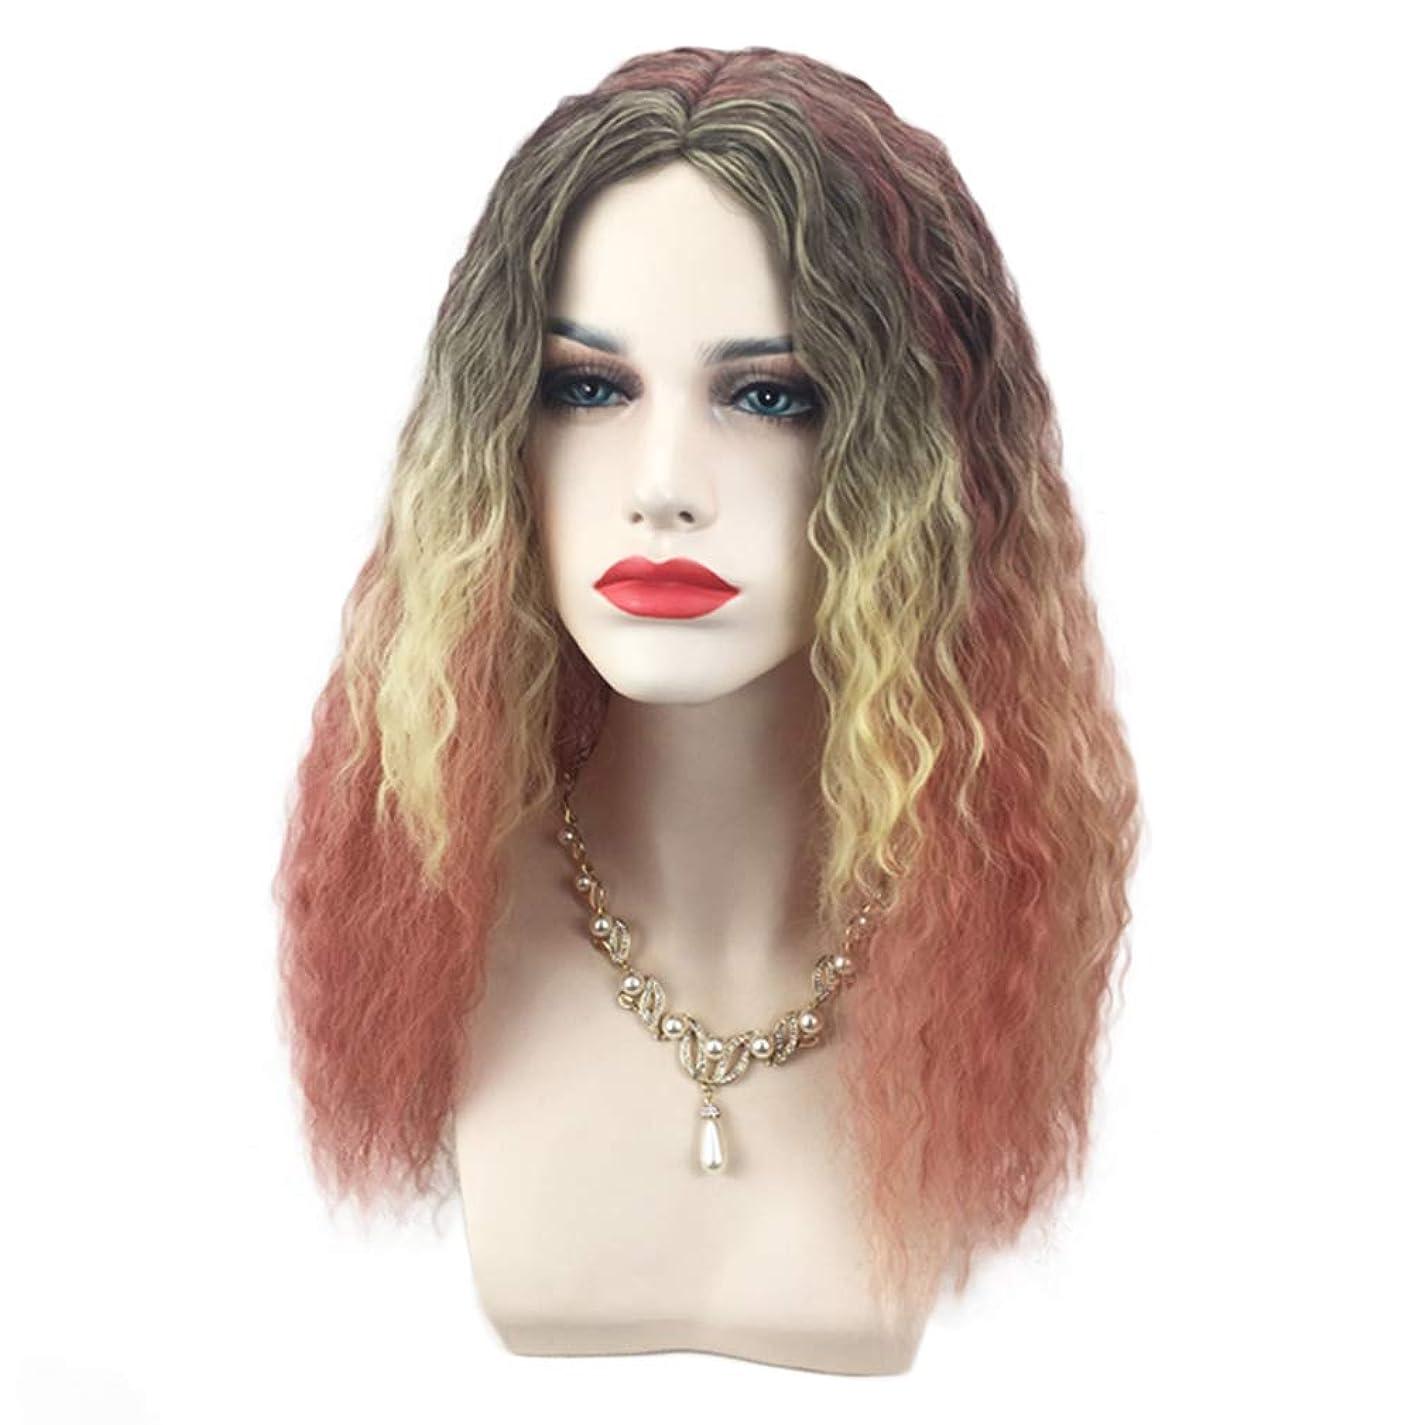 志す識字平手打ちかつら高品質の女性の役割を演奏長い完全なスパイラルカーリー波の熱ファッショングラマー毛のかつら